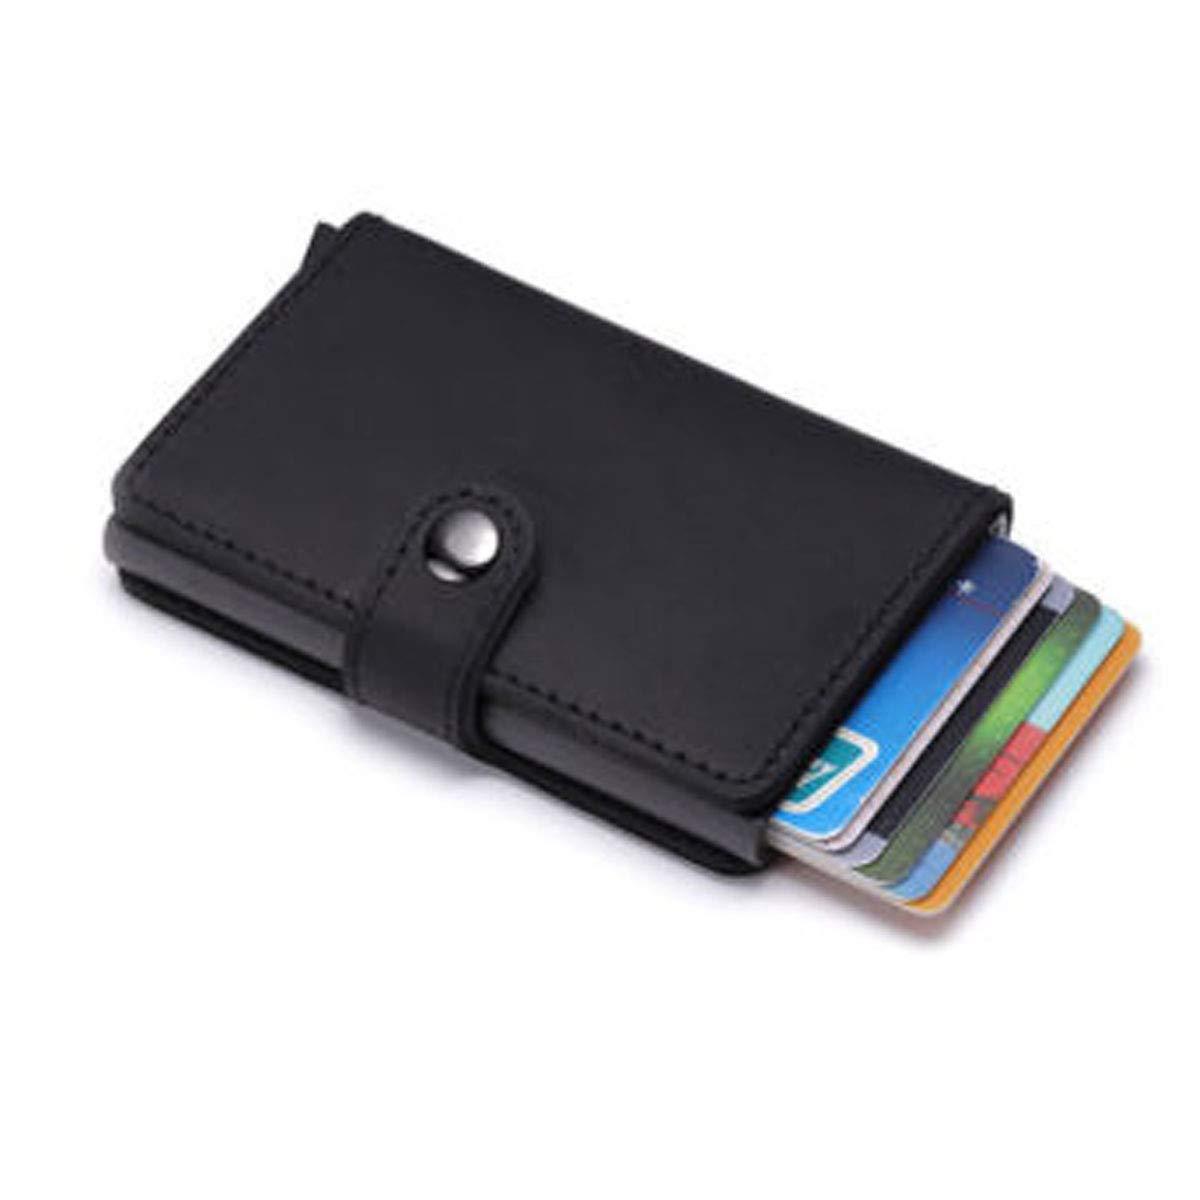 L0948 Porte Cartes de Credit Simili Cuir Mini Porte Monnaie S/écuris/é Automatique Pop-up en Aluminium Marron LIVAN/®